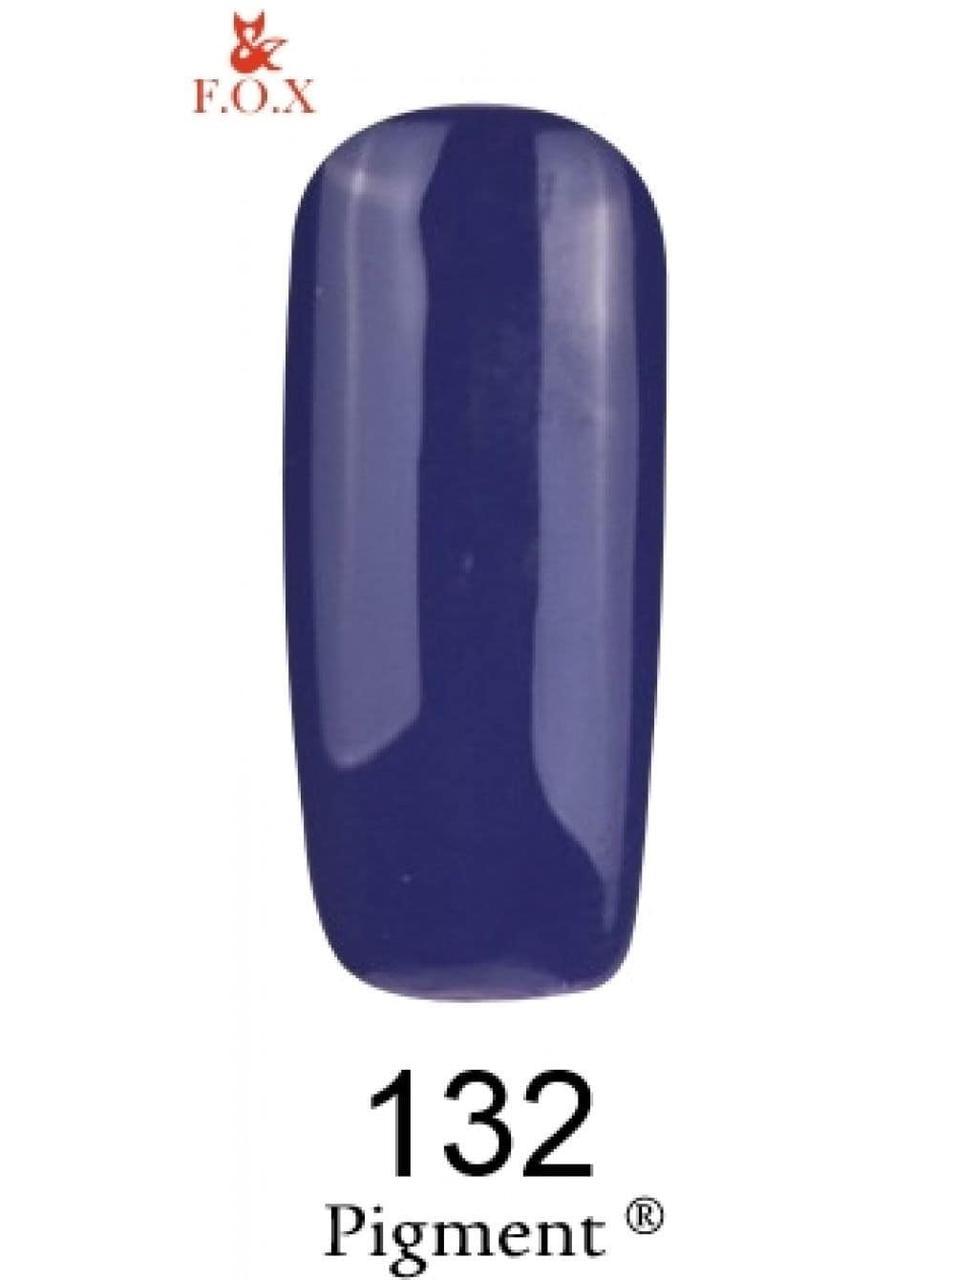 132 F.O.X gel-polish gold Pigment 6 мл